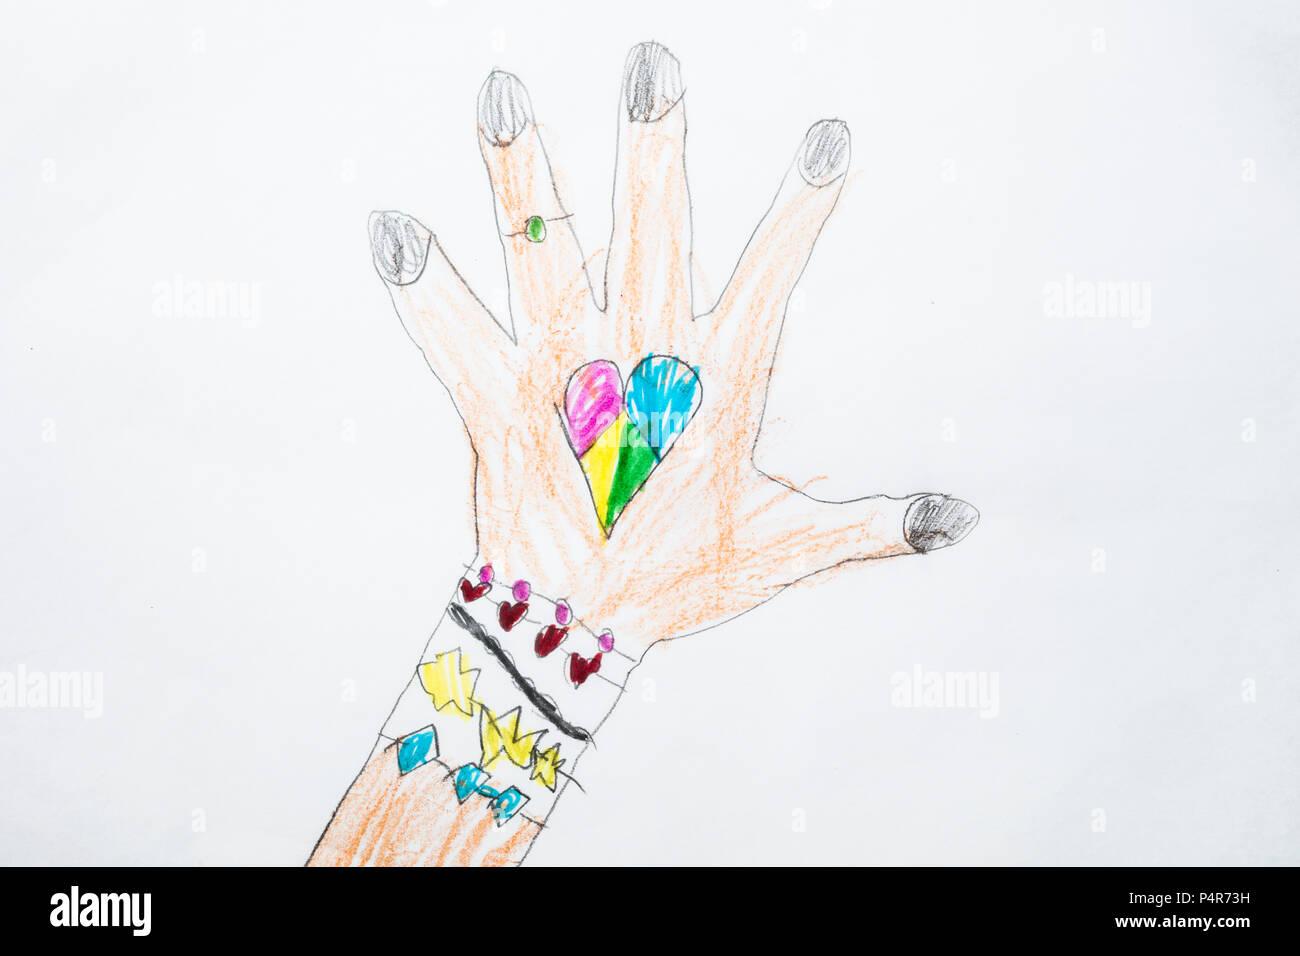 Disegno Di Un Bambino : Colorato di capretto il disegno di un bambino mano con forma di